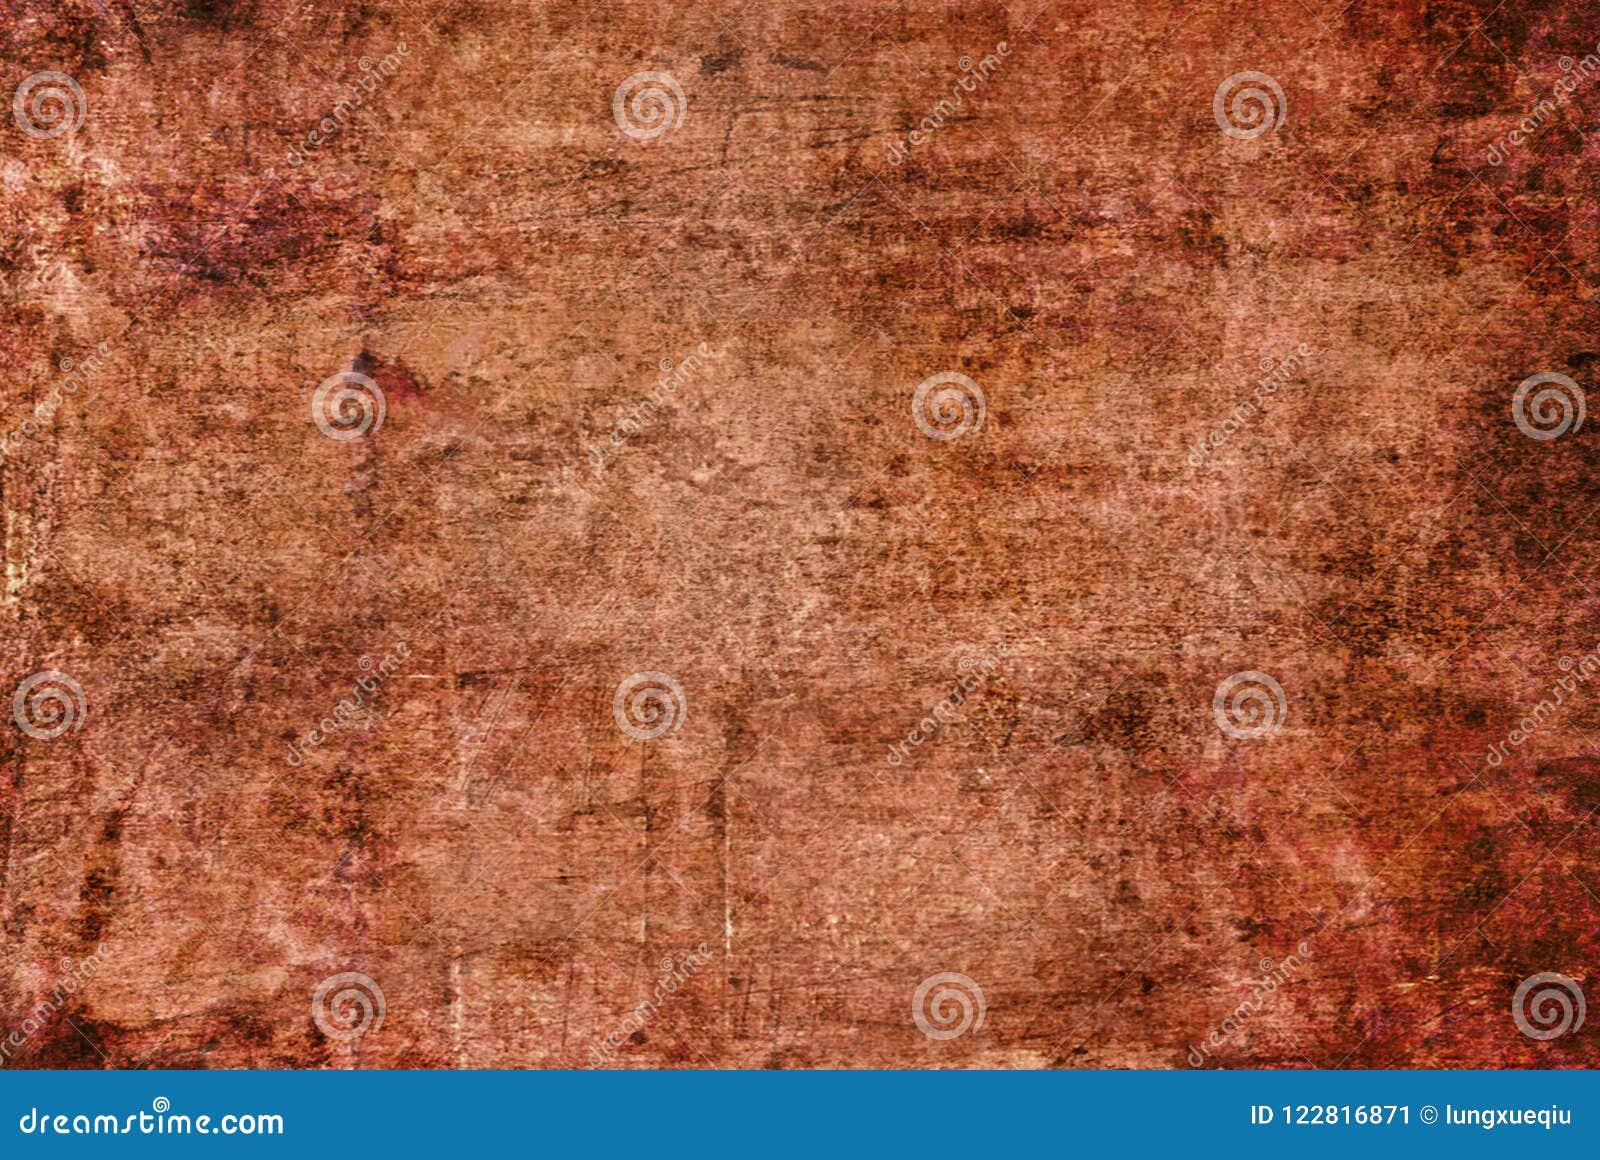 Grunge Brown obrazu tekstury wzoru jesieni tła Ciemna Żółta Czerwona Pomarańczowa Ośniedziała Zniekształcająca Rozpadowa Stara Ab